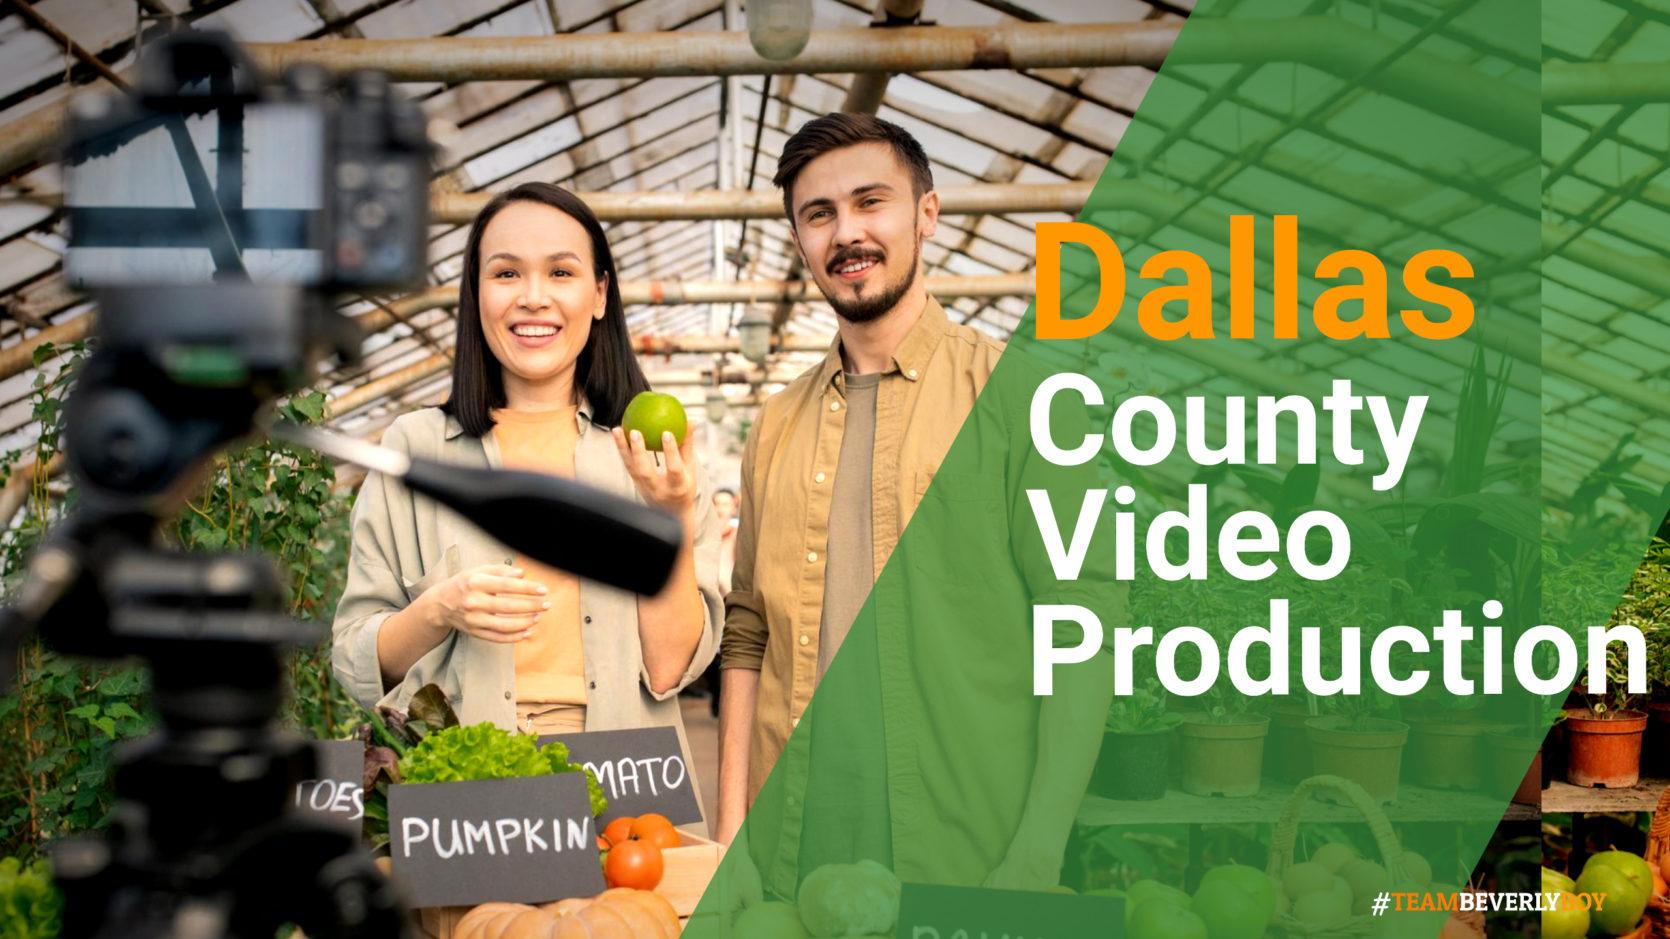 Dallas County video production